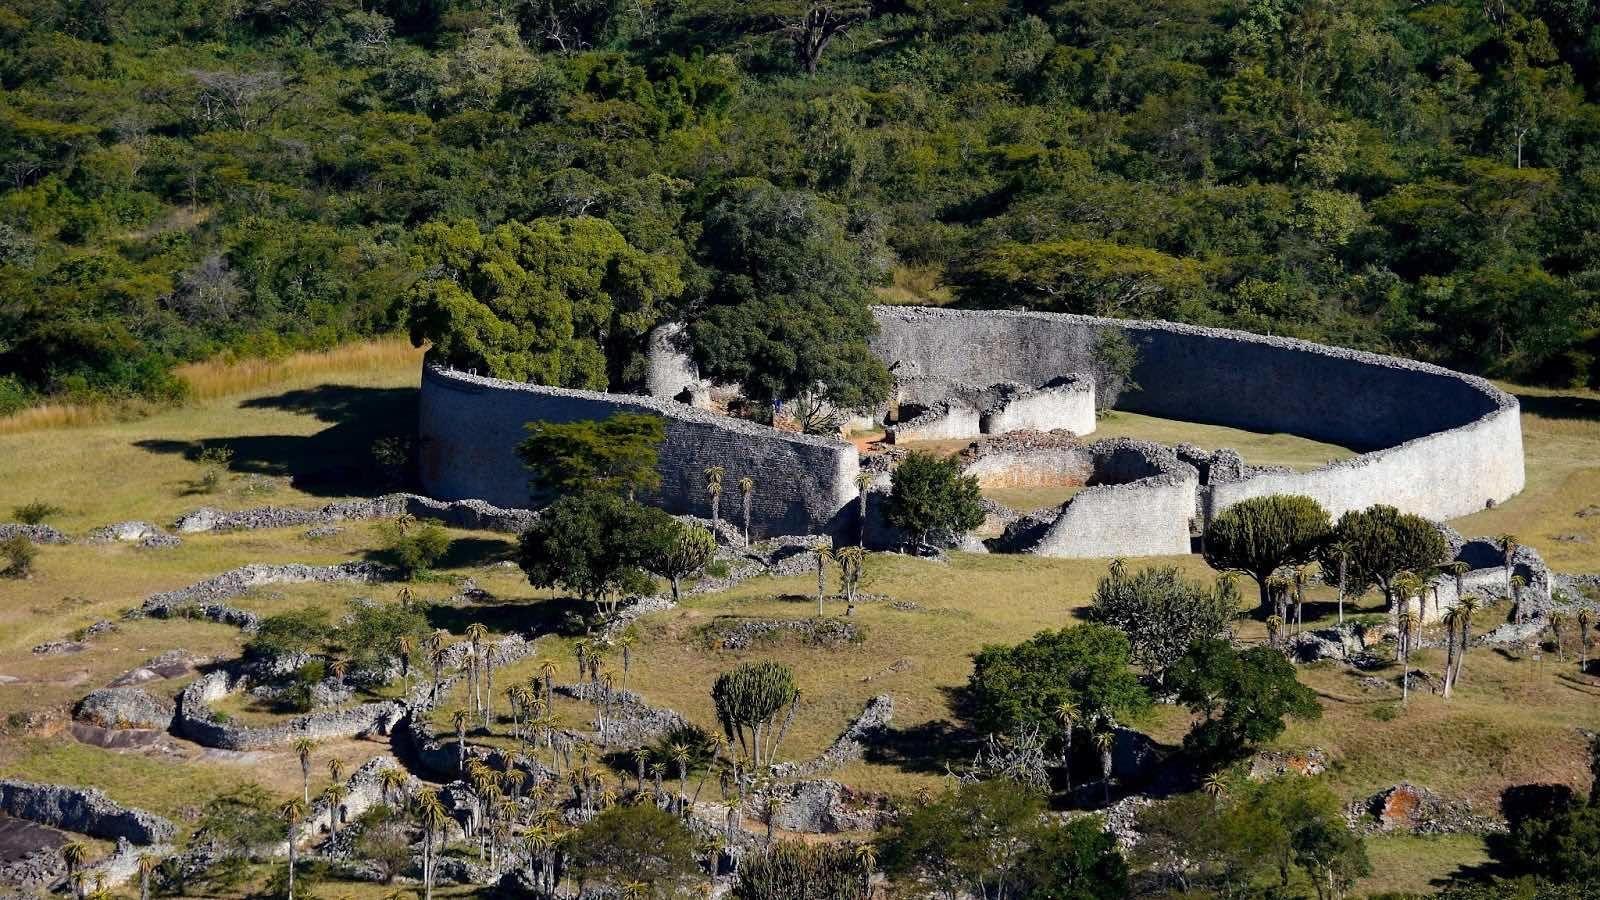 Afrikanische Königreiche: Die Ruinen von Groß Simbabwe